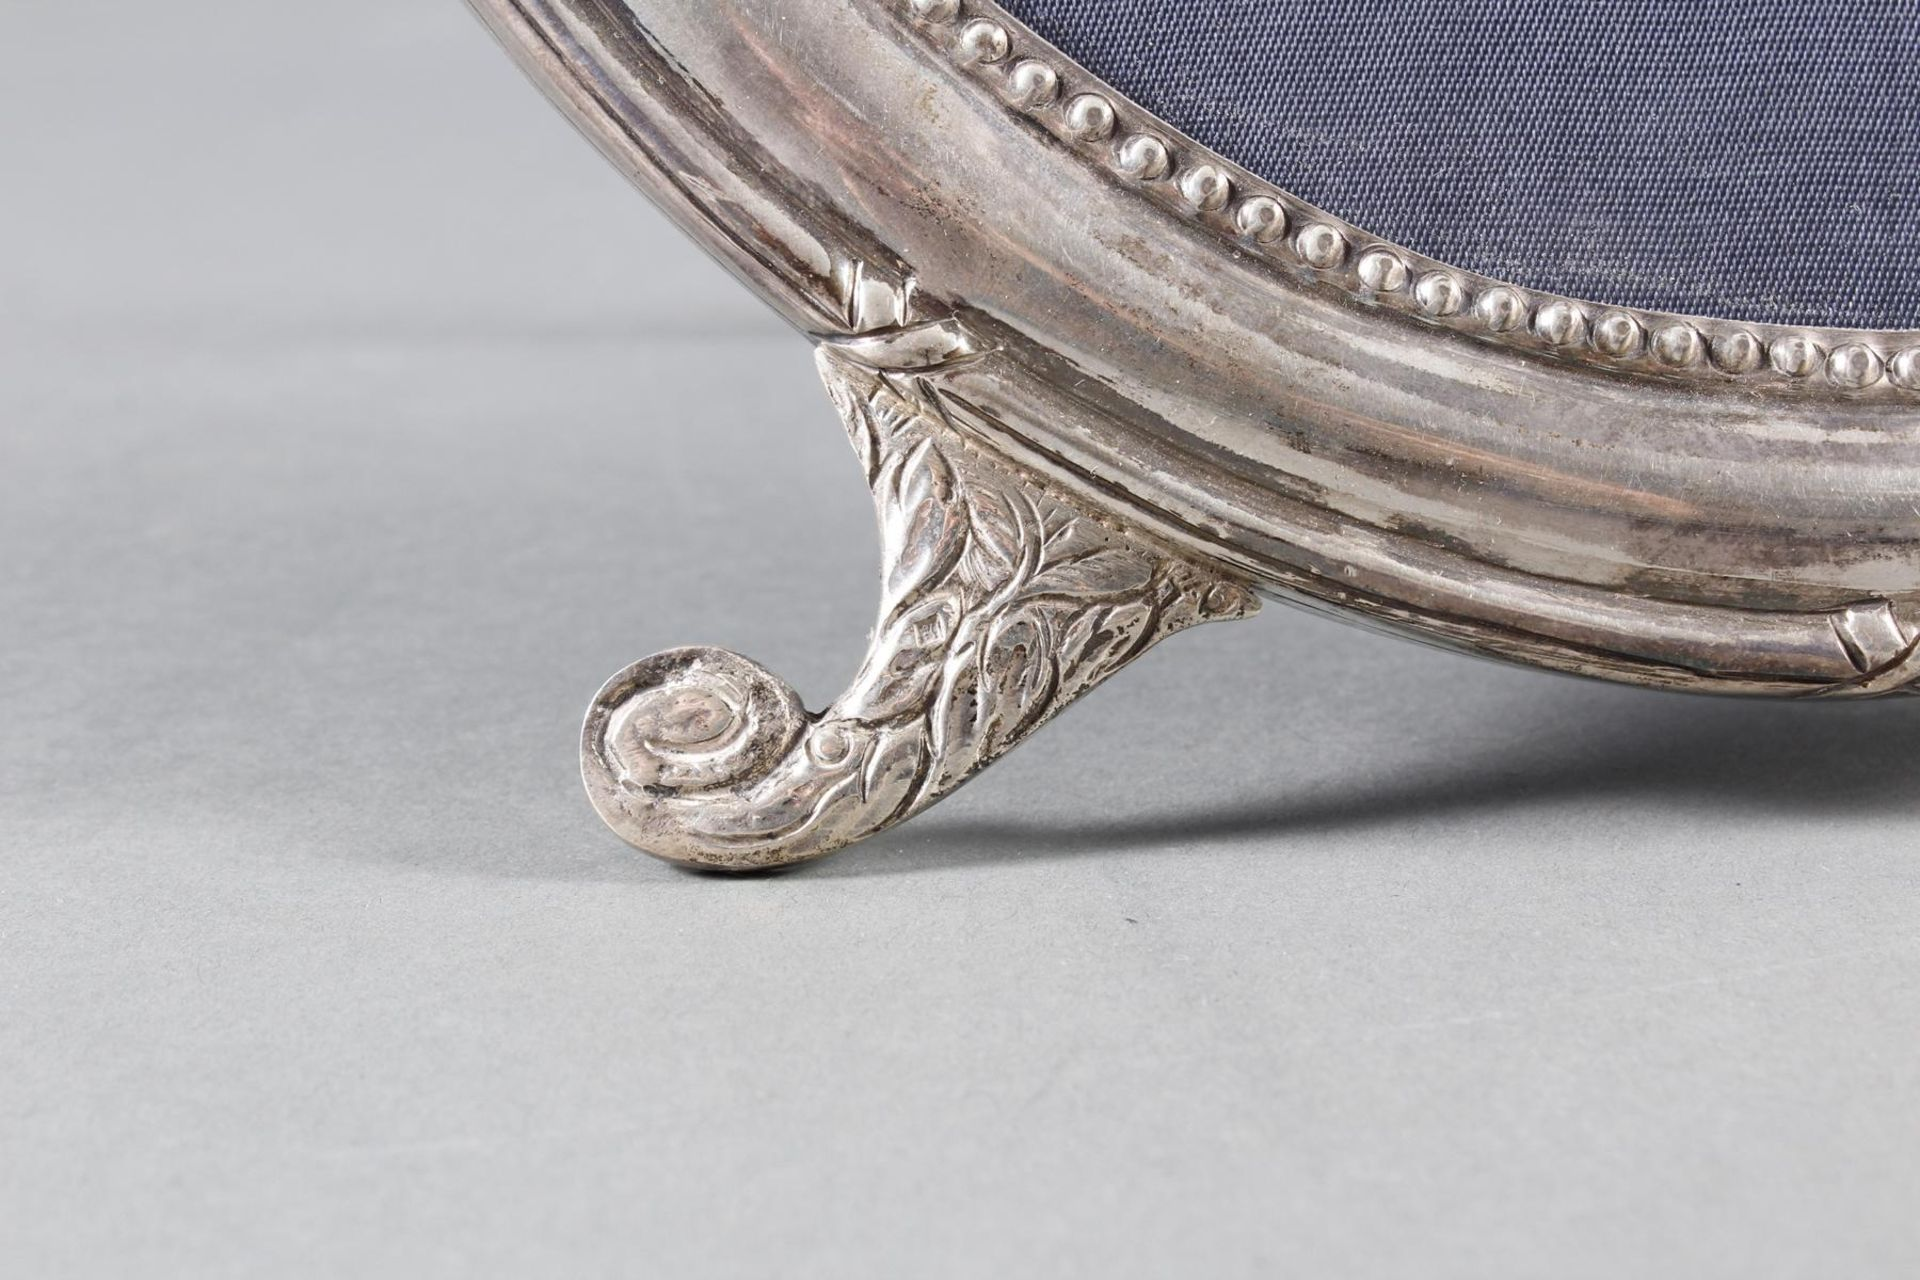 Großer Silber Bilderrahmen, - Bild 3 aus 9